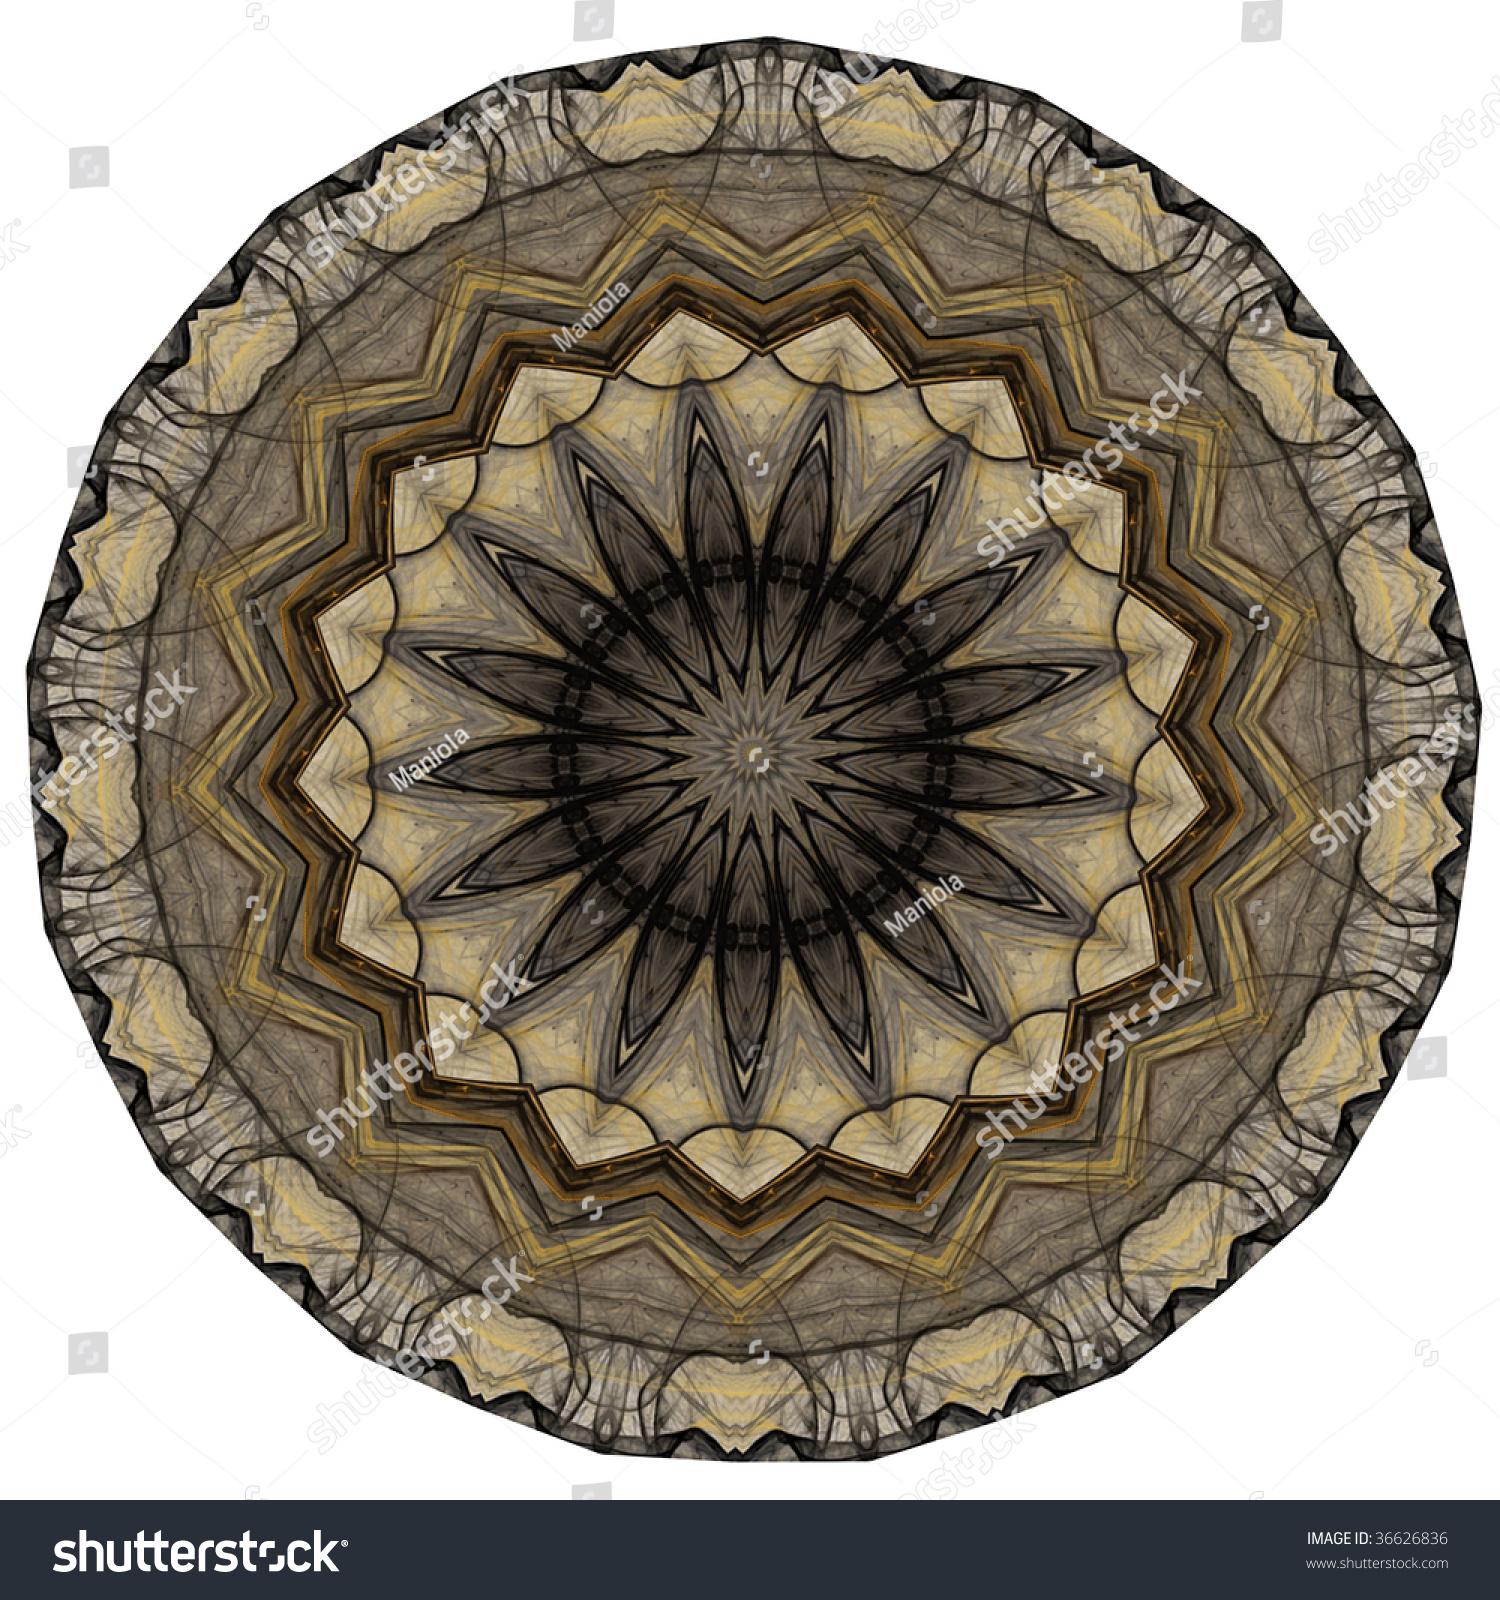 High resolution mandala hindu buddhist symbol stock illustration high resolution mandala hindu and buddhist symbol of the universe and psychoanalytic symbol of search biocorpaavc Images